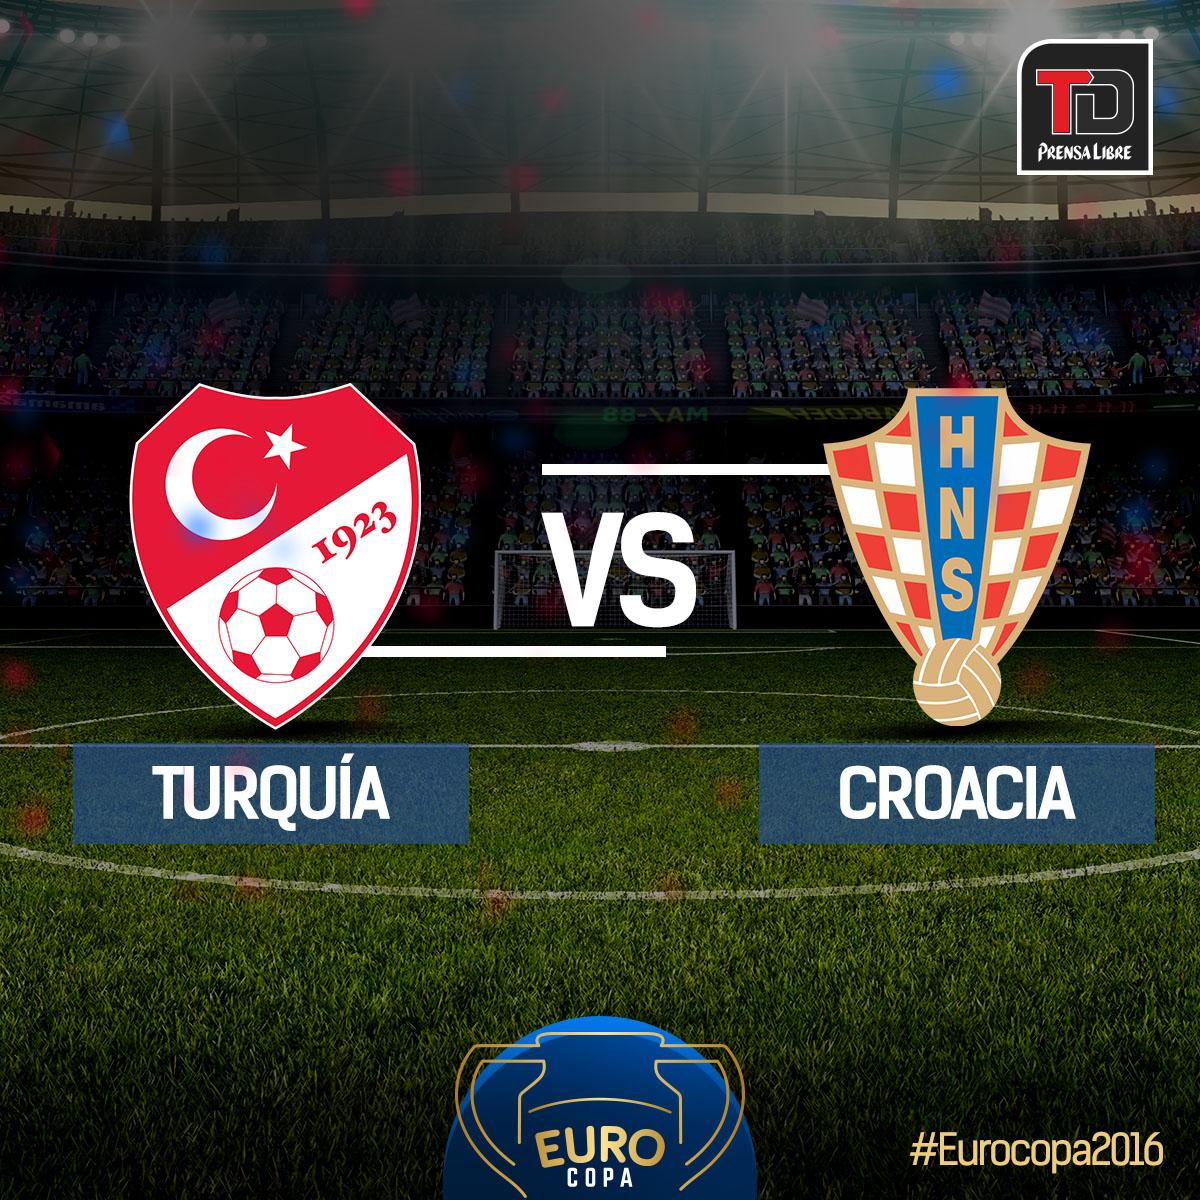 Croacia debuta con triunfo frente a Turquía